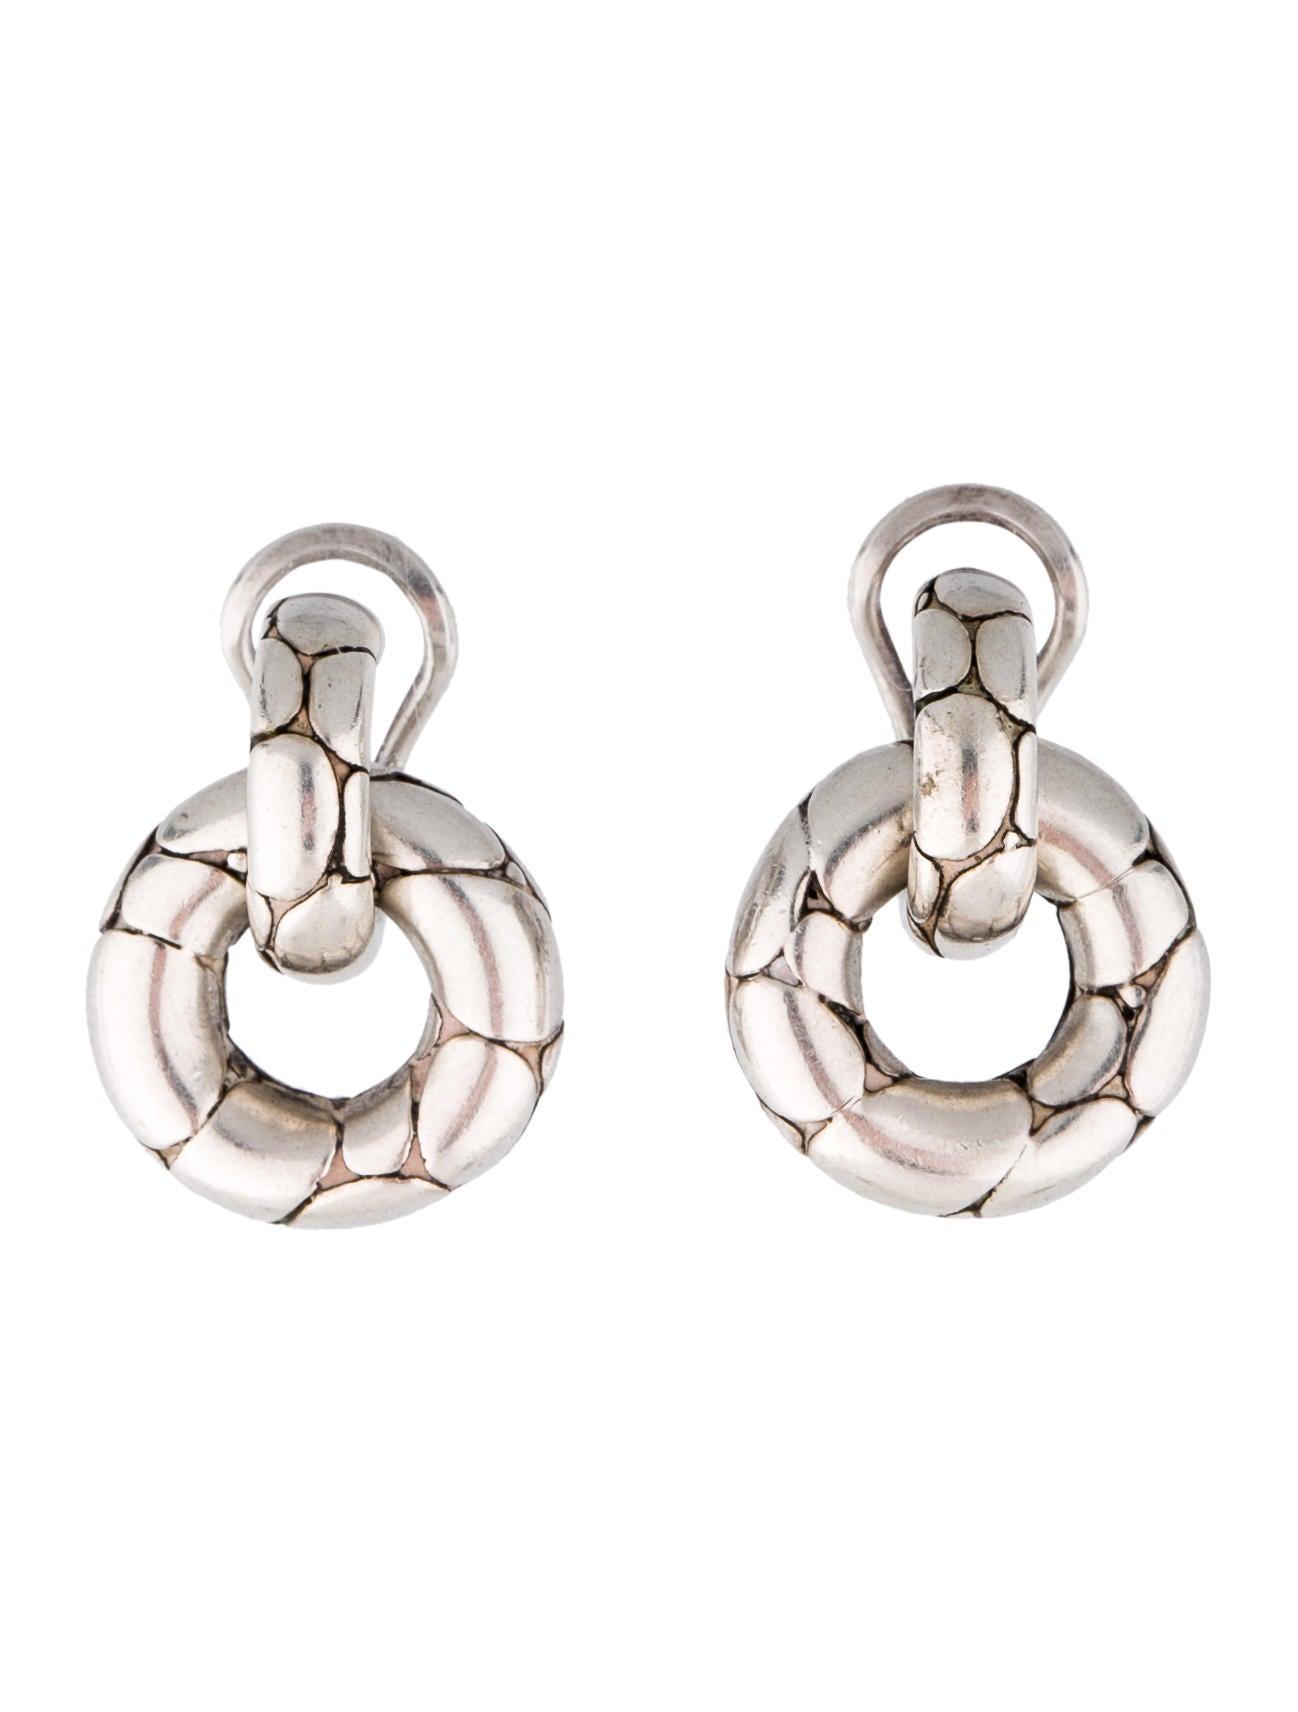 John hardy kali earrings earrings jha21740 the realreal for John hardy jewelry earrings